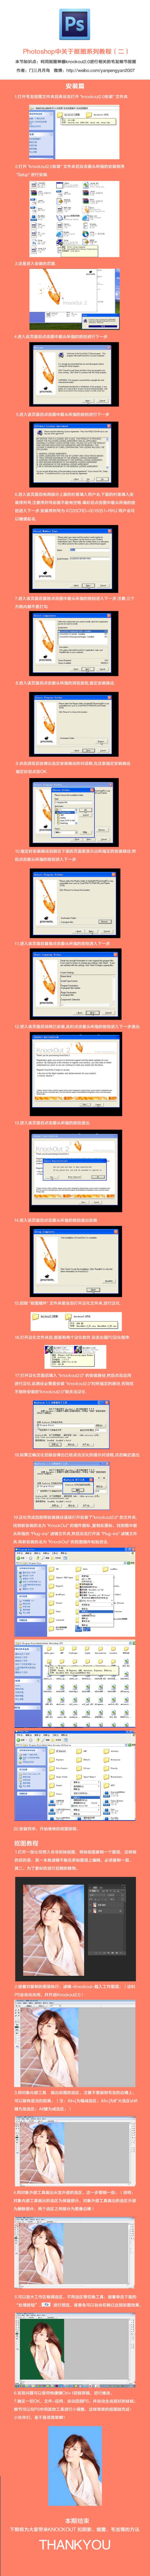 最新版【PS抠图神器】KNOCKOUT 2.0 汉化版下载 PS插件 pc抠图神奇下载  ruanjian jiaocheng